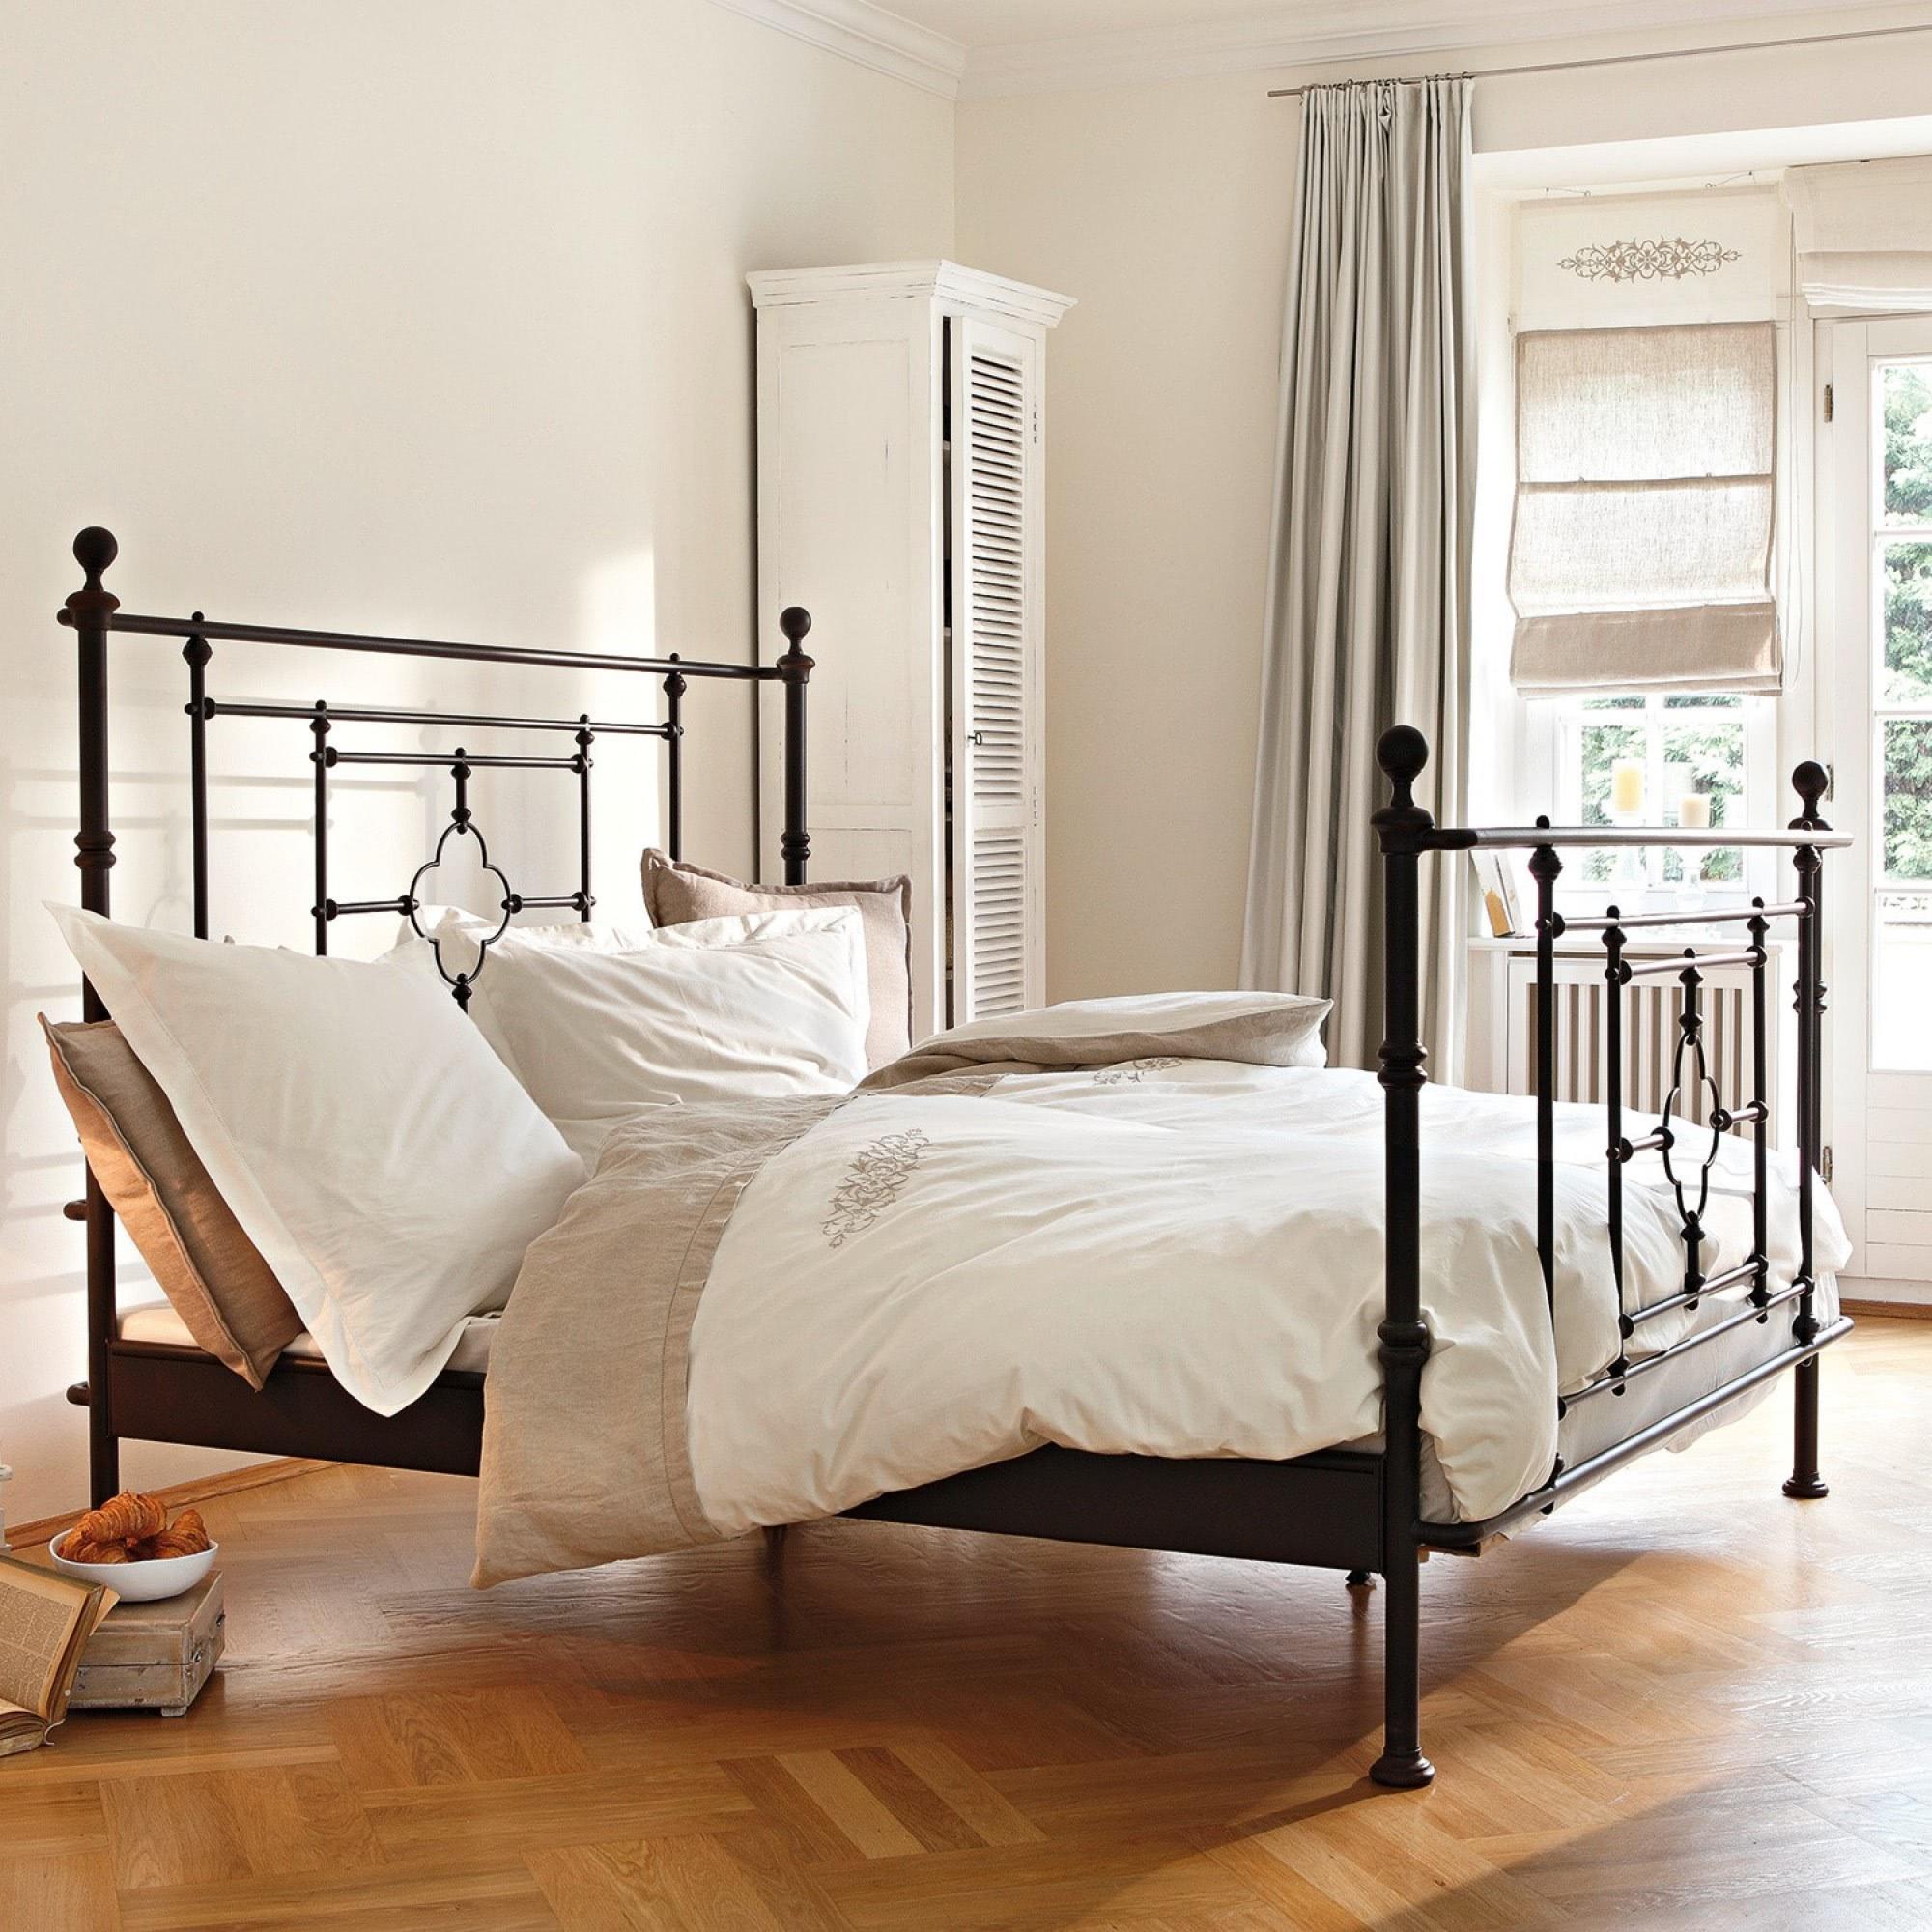 bett bel air loberon coming home. Black Bedroom Furniture Sets. Home Design Ideas